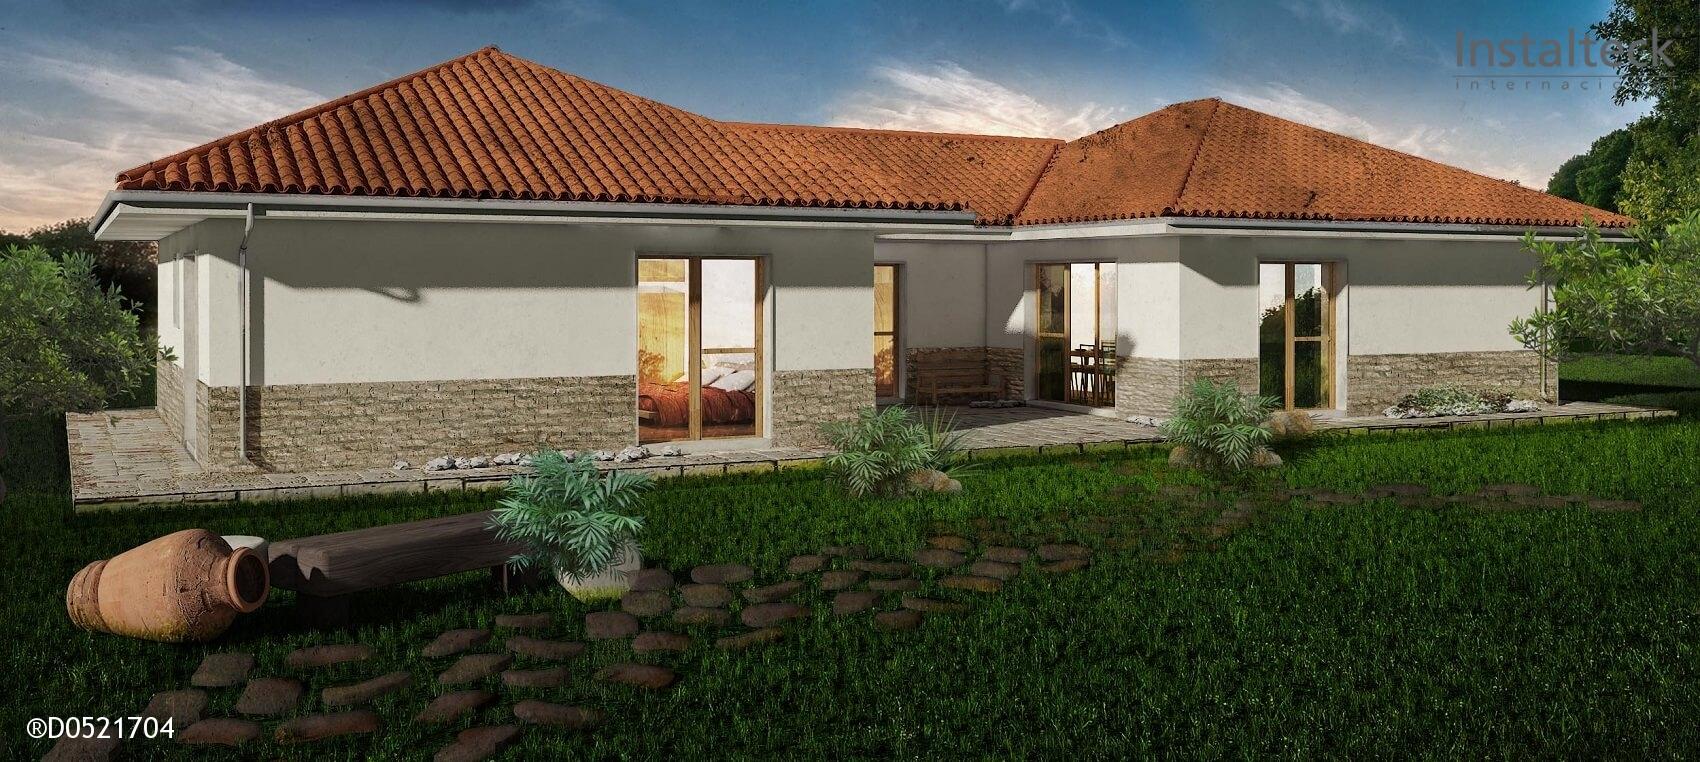 Modelo de casa prefabricada 148. Exterior 2